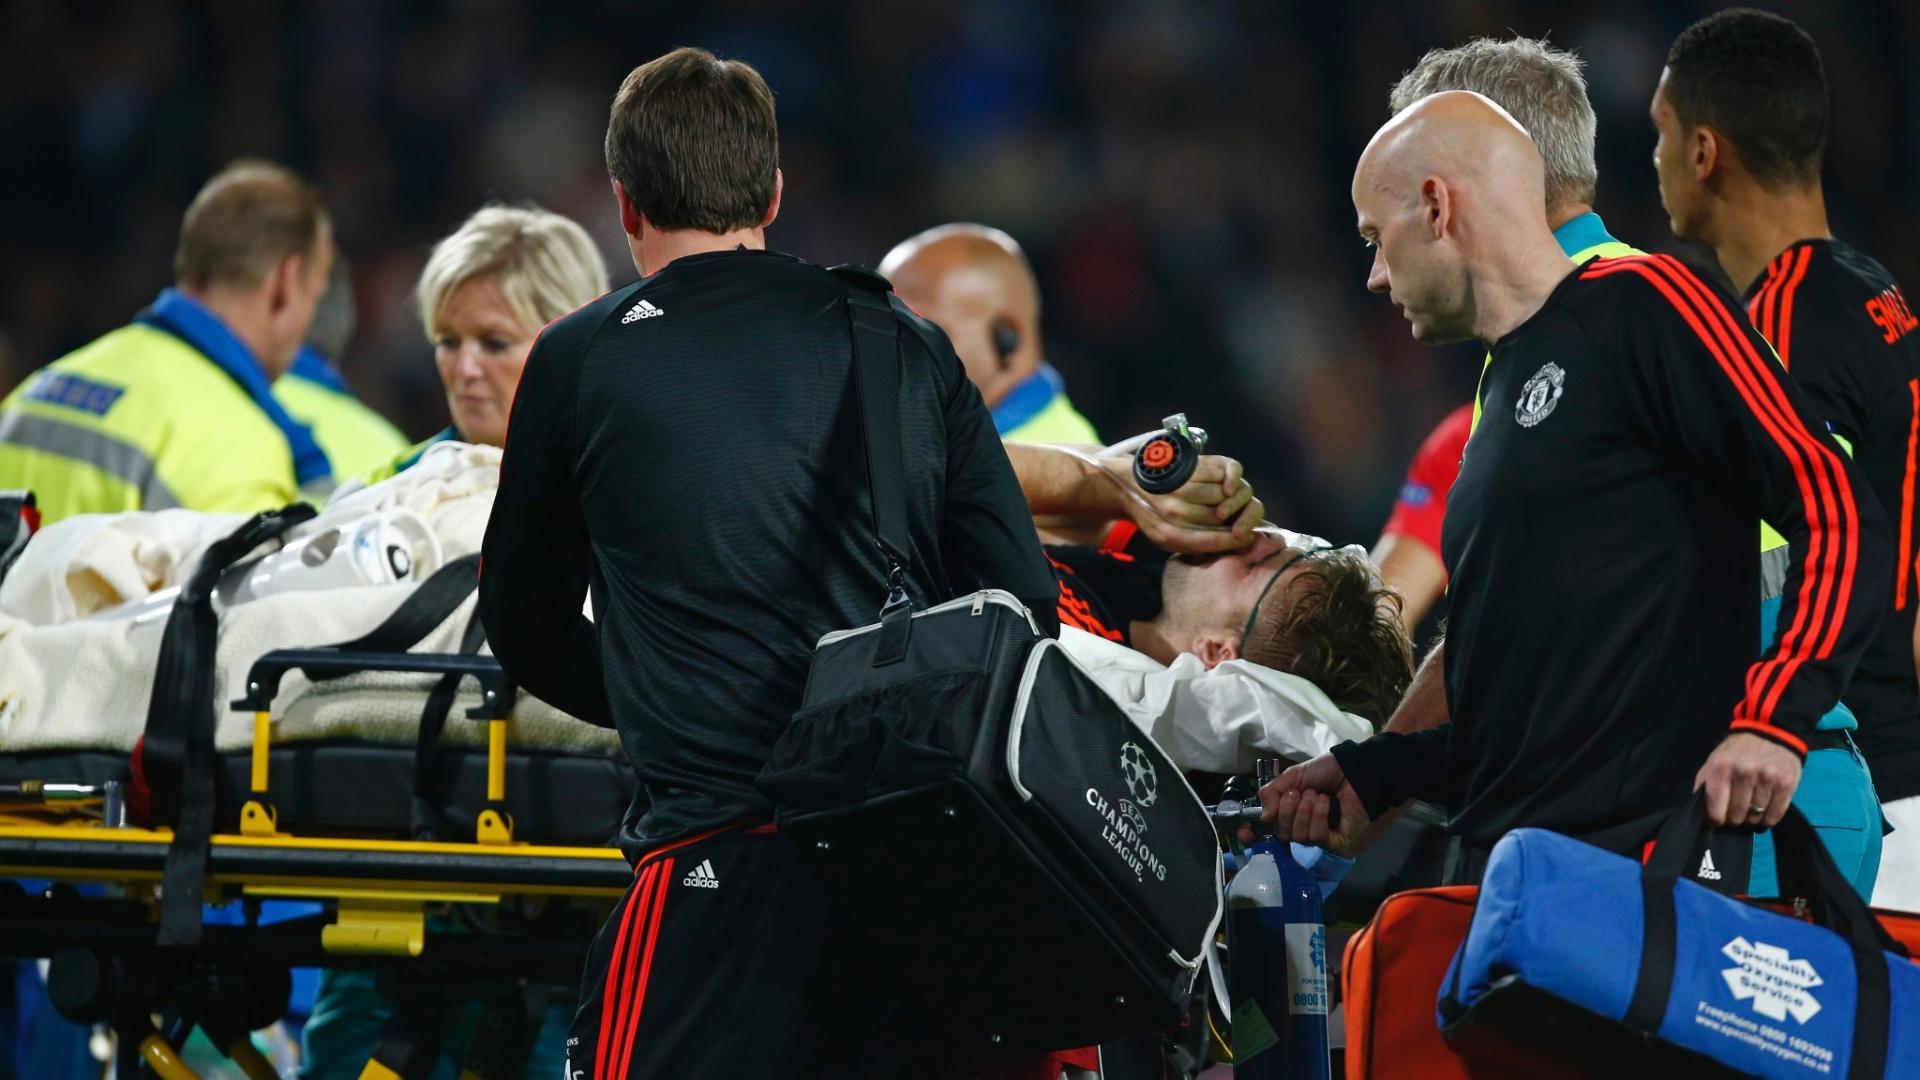 Luke Shaw precisou deixar o gramado de maca após entrada violenta de Hector Moreno; United acabou derrotado por 2x1 pelo PSV